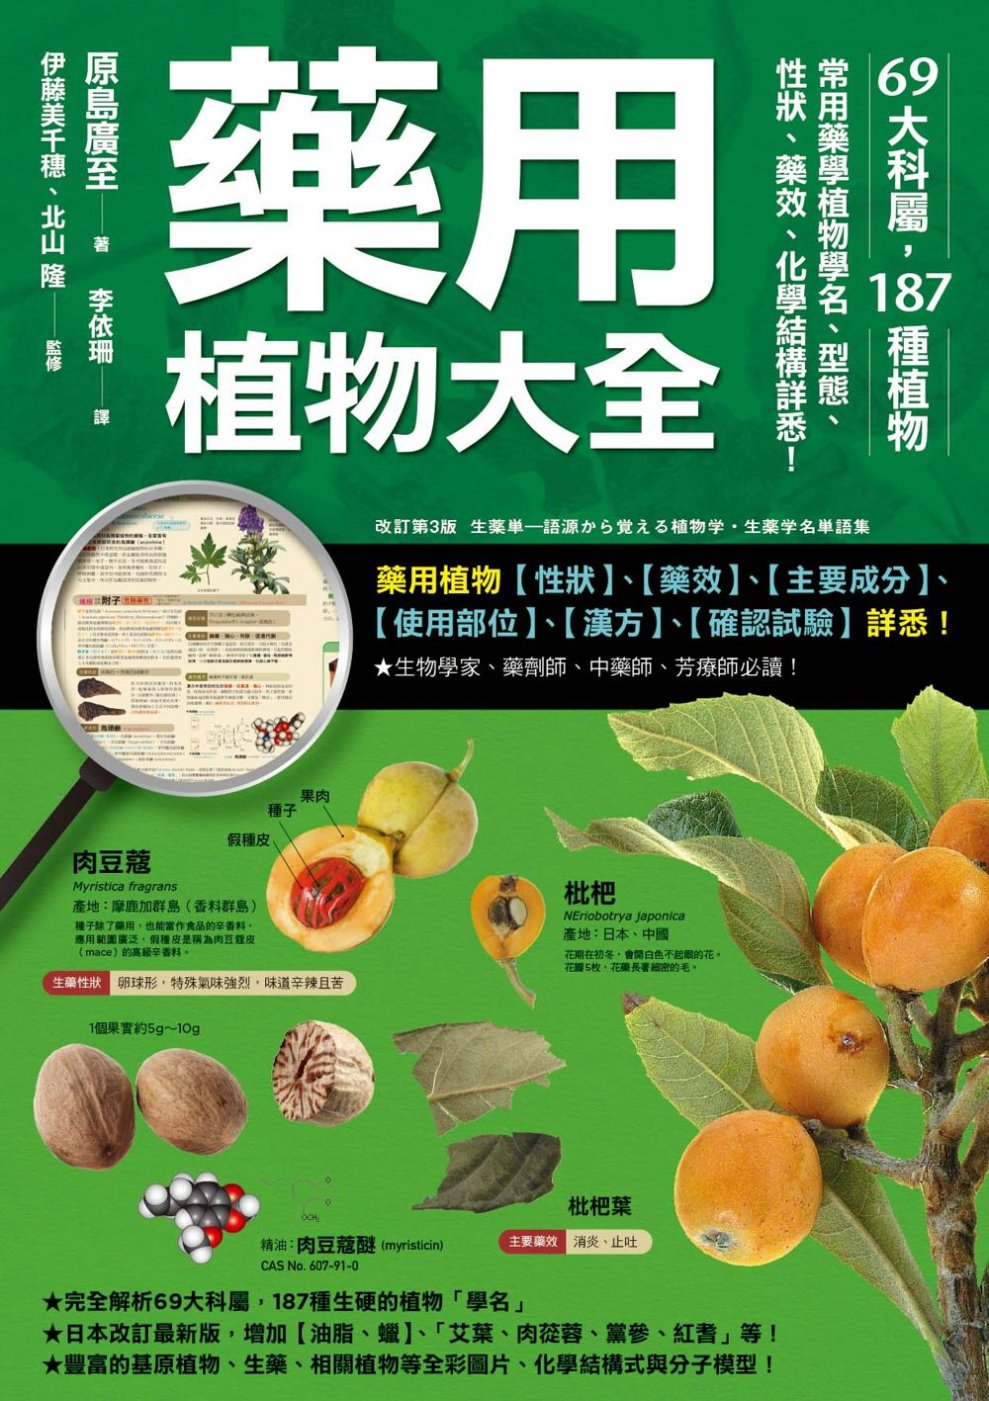 藥用植物大全:69大科屬,187種植物,常用藥學植物學名、型態、性狀、藥效、化學結構詳悉!